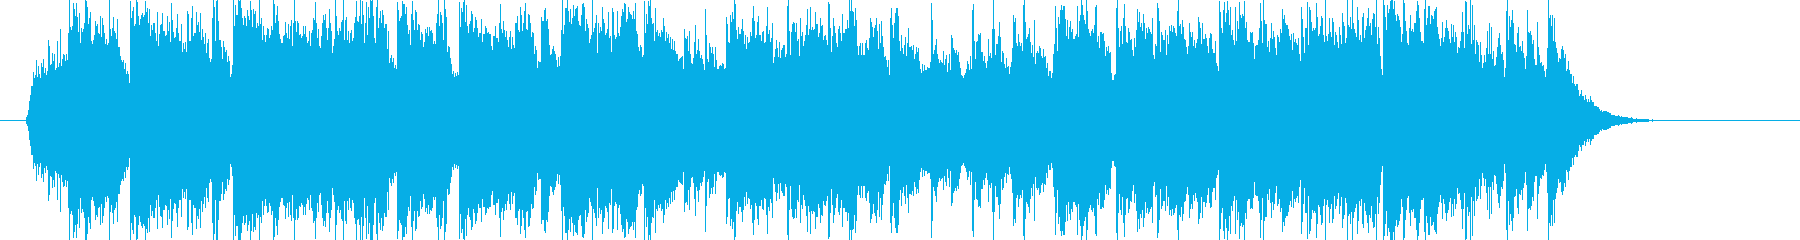 豪華で明るいシンセサイザーサウンドの再生済みの波形